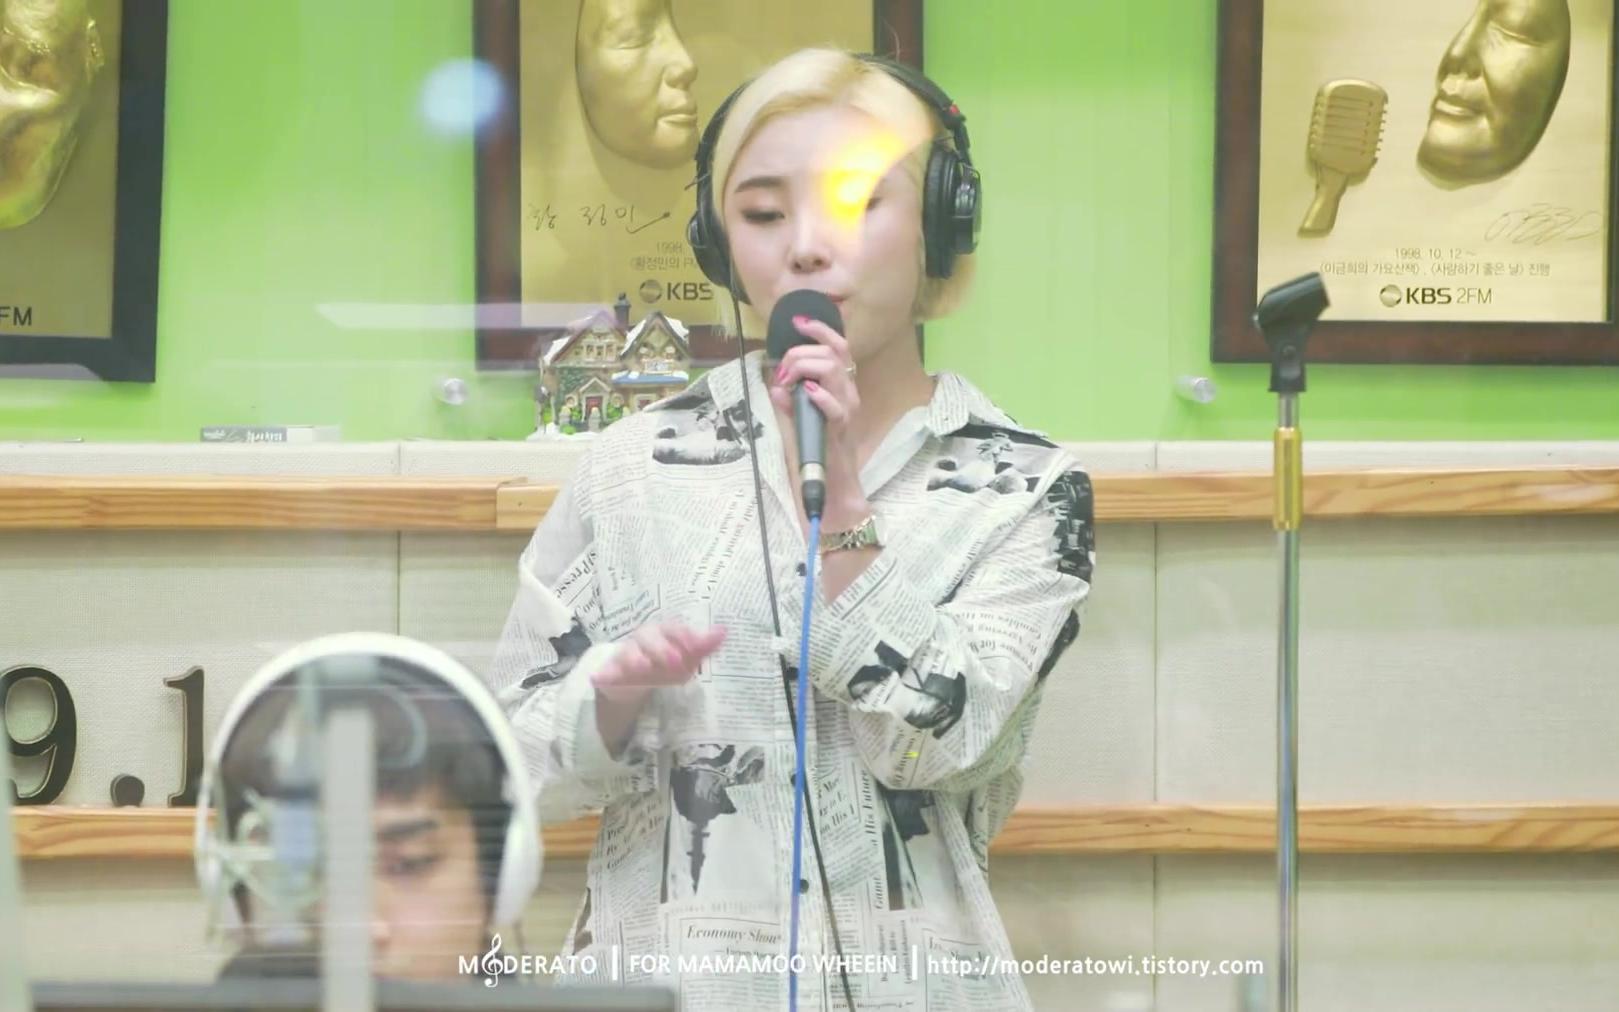 180418 李洪基kiss the radio EASY 輝人_嗶哩嗶哩 (゜-゜)つロ 干杯~-bilibili